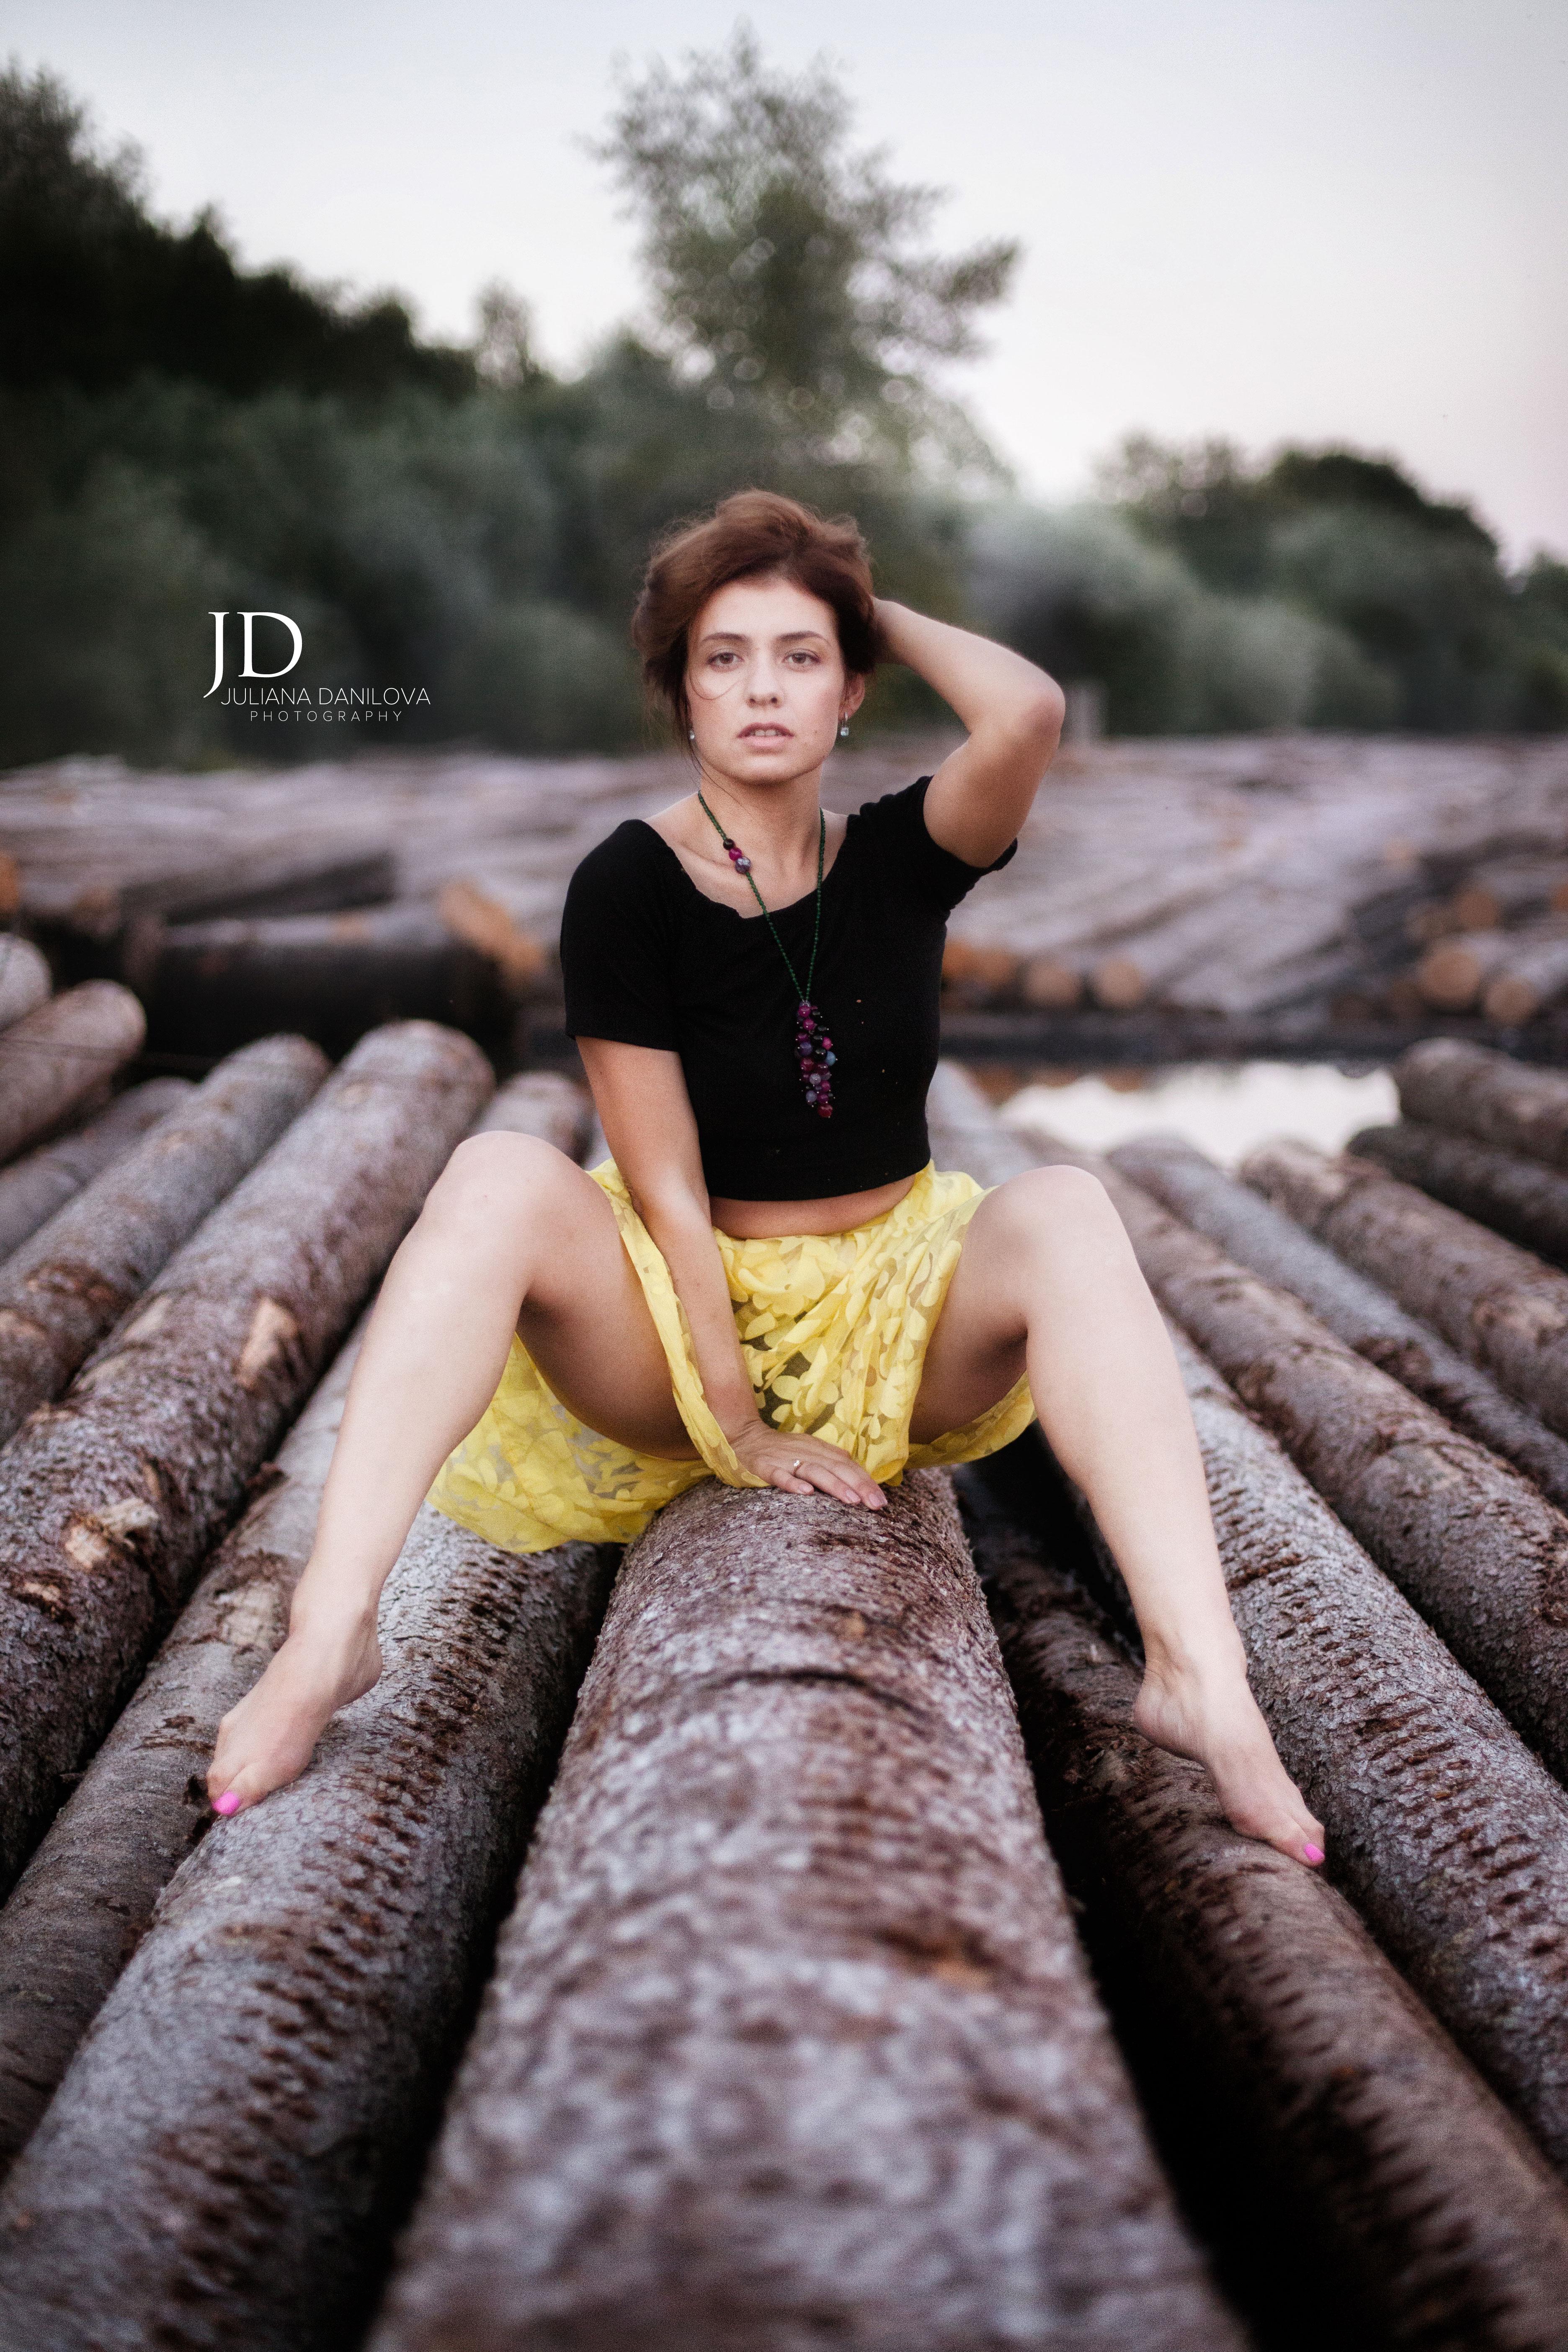 Фотографирование моделей, красивых девушек